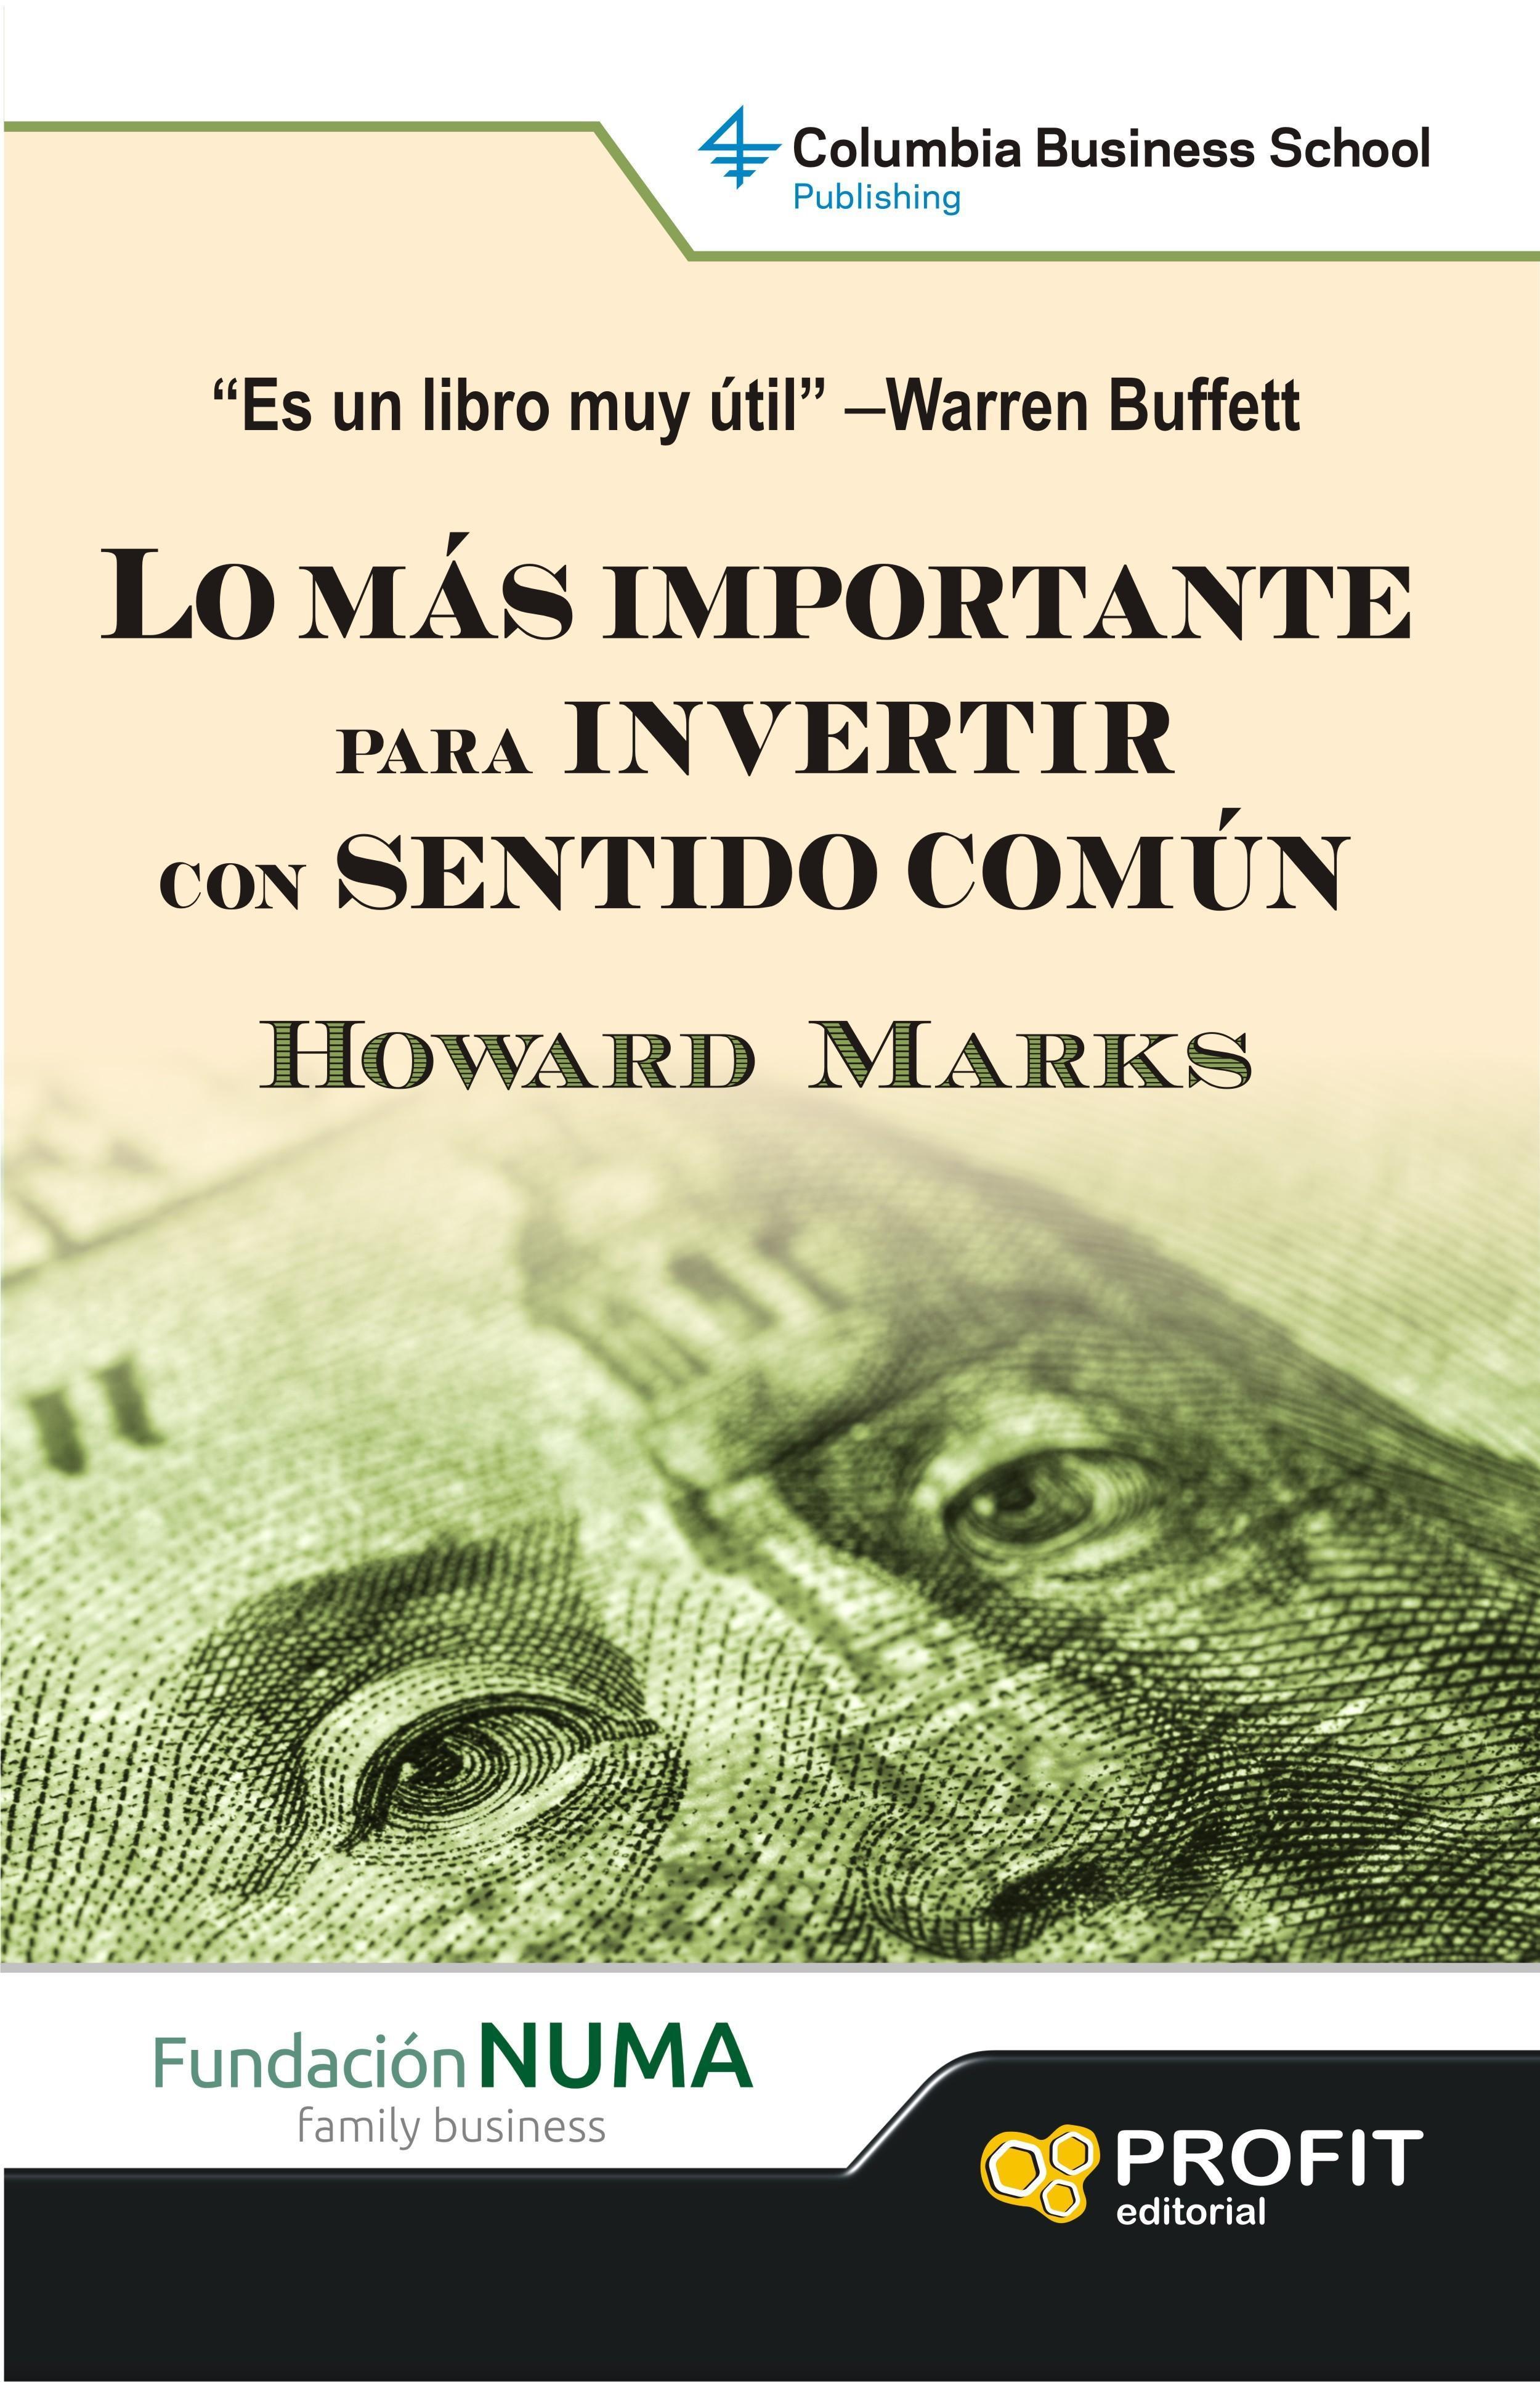 el pequeo libro que genera riqueza la frmula definitiva para encontrar inversiones excelentes sin coleccin